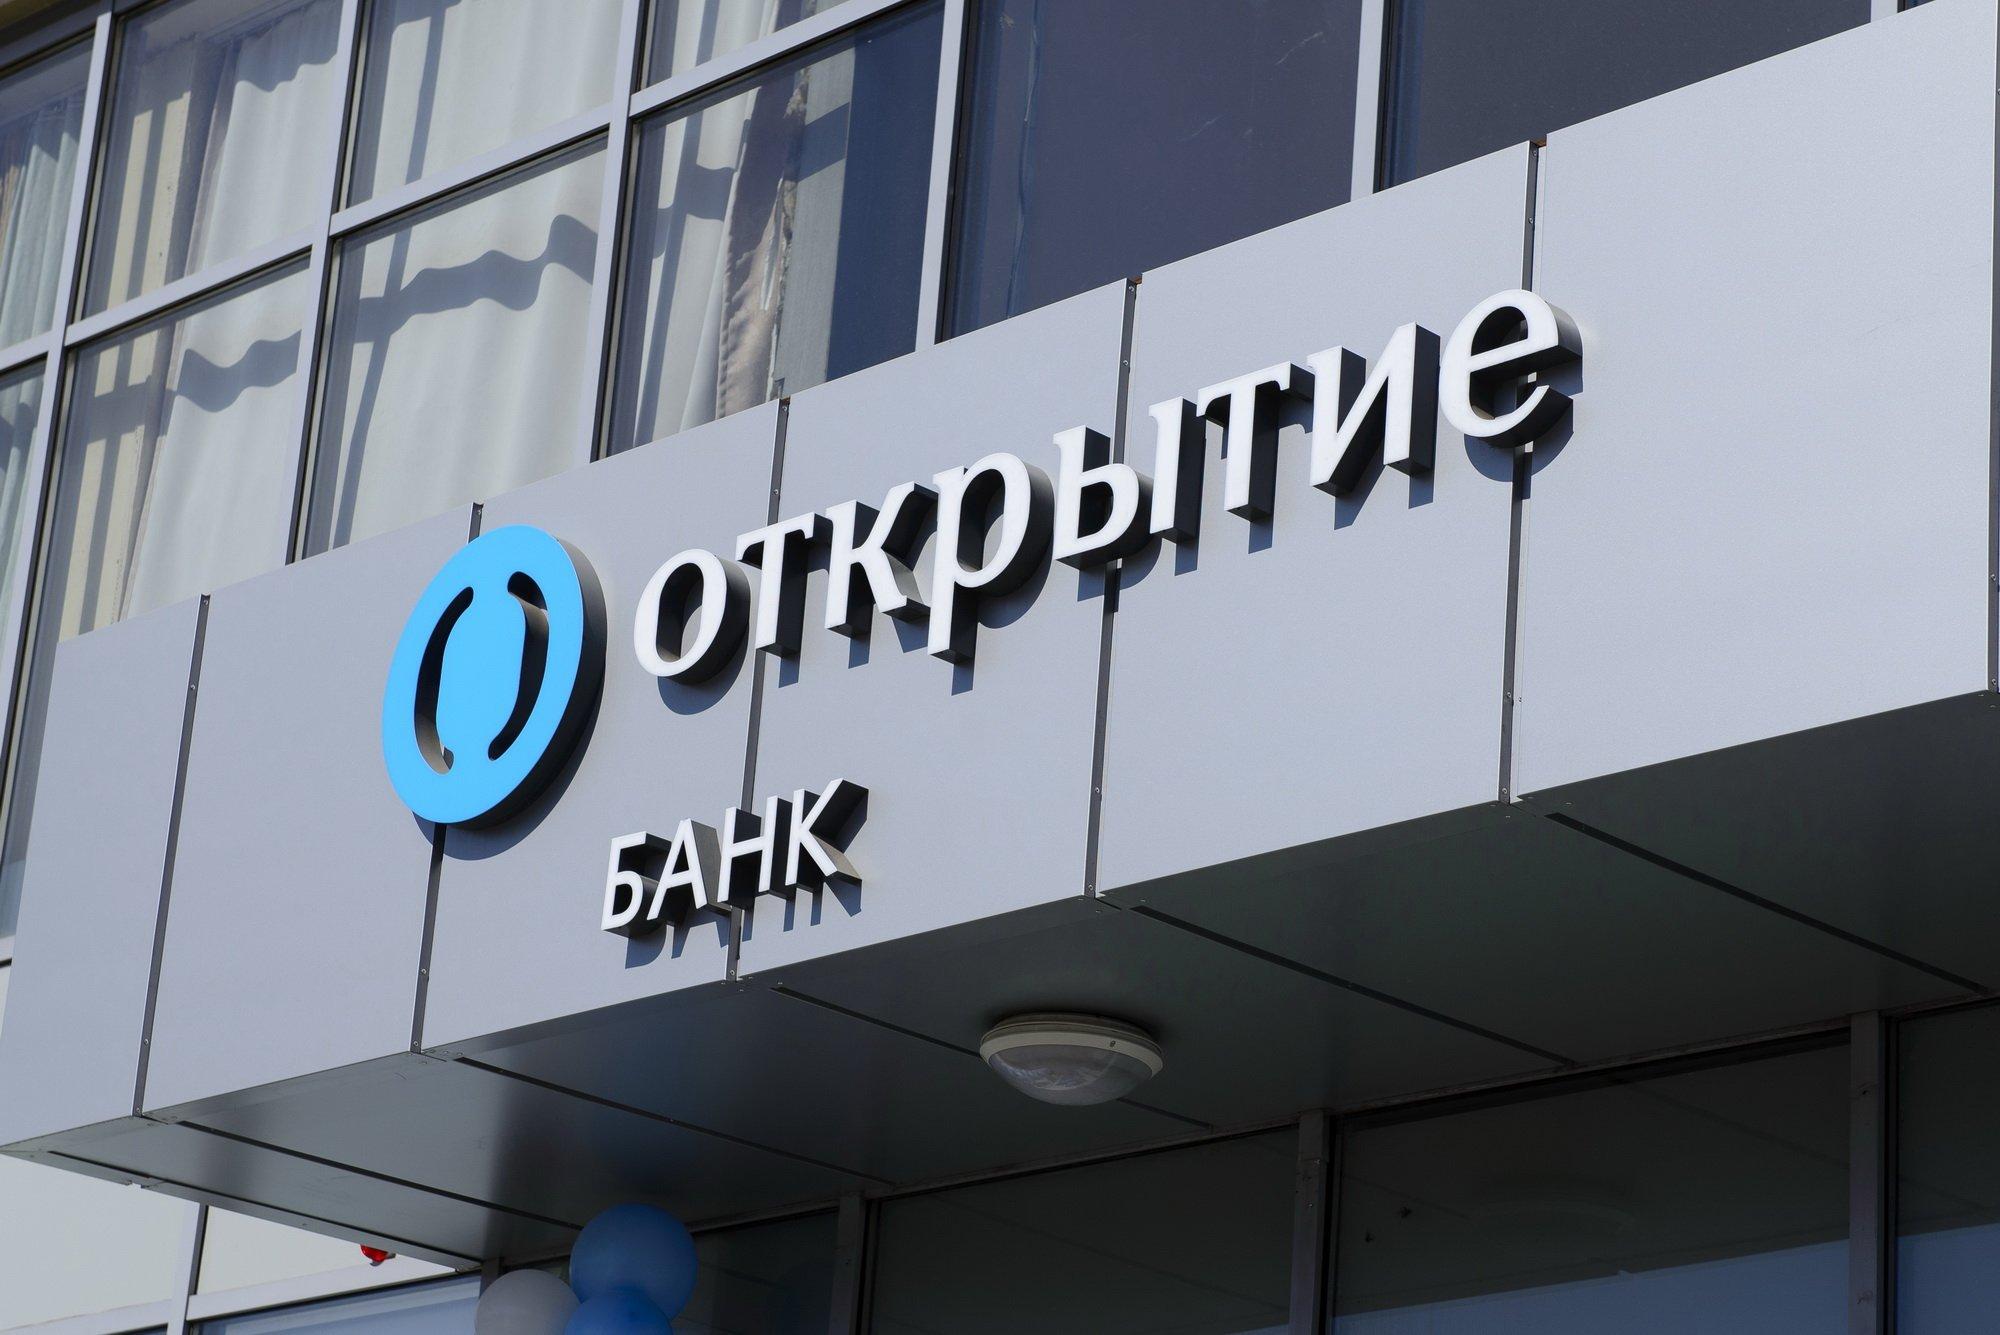 Банк «Открытие» запустил онлайн-рефинансирование кредитных карт других банков